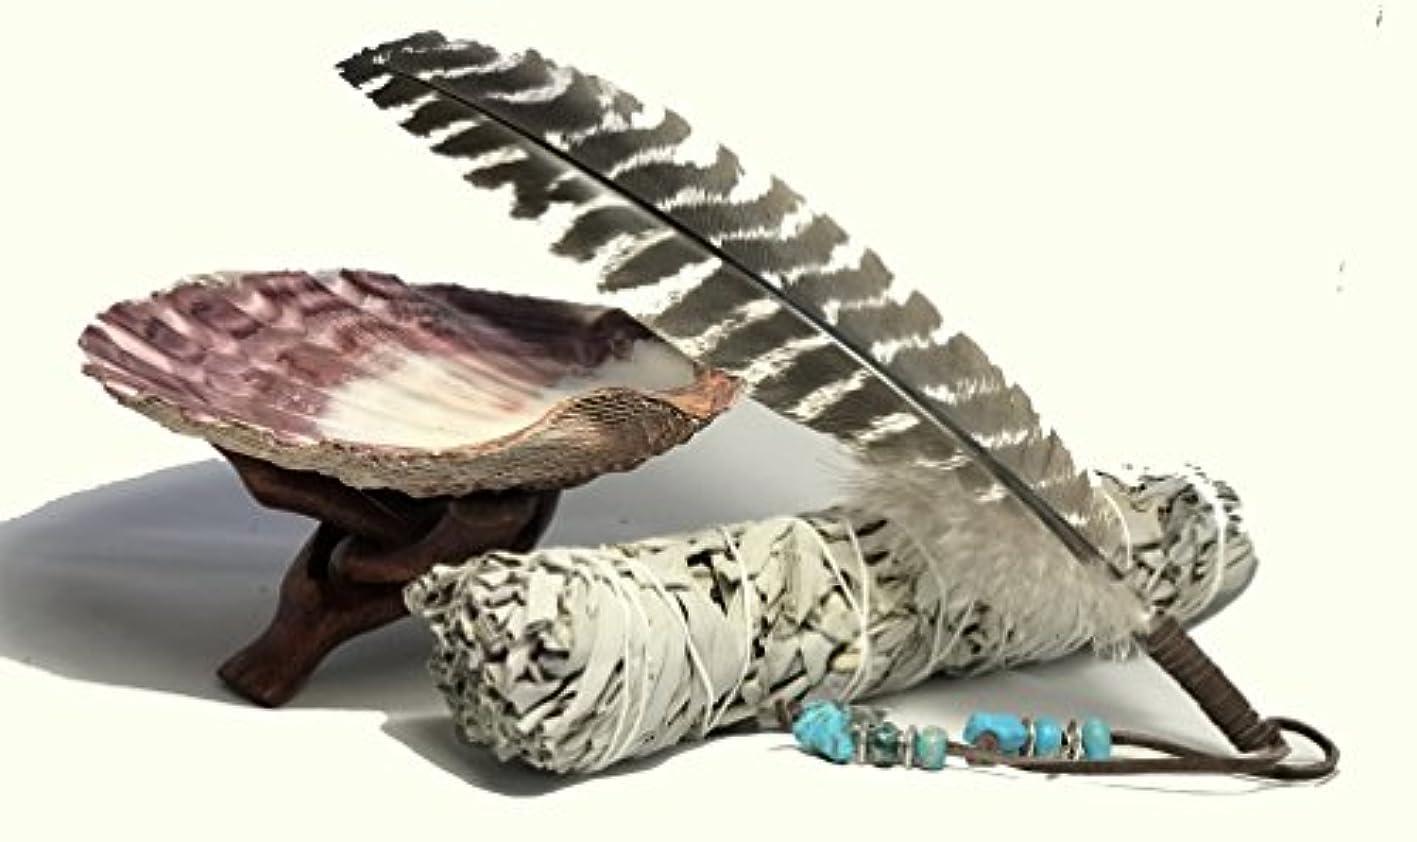 伝えるインテリア前大きな美しいプレミアムLion Pawシェル、木製コブラ三脚スタンド、LargeホワイトセージSmudge Stick and a handフェザー装飾。ホーム祝福とクレンジングRitual Instructions Included。